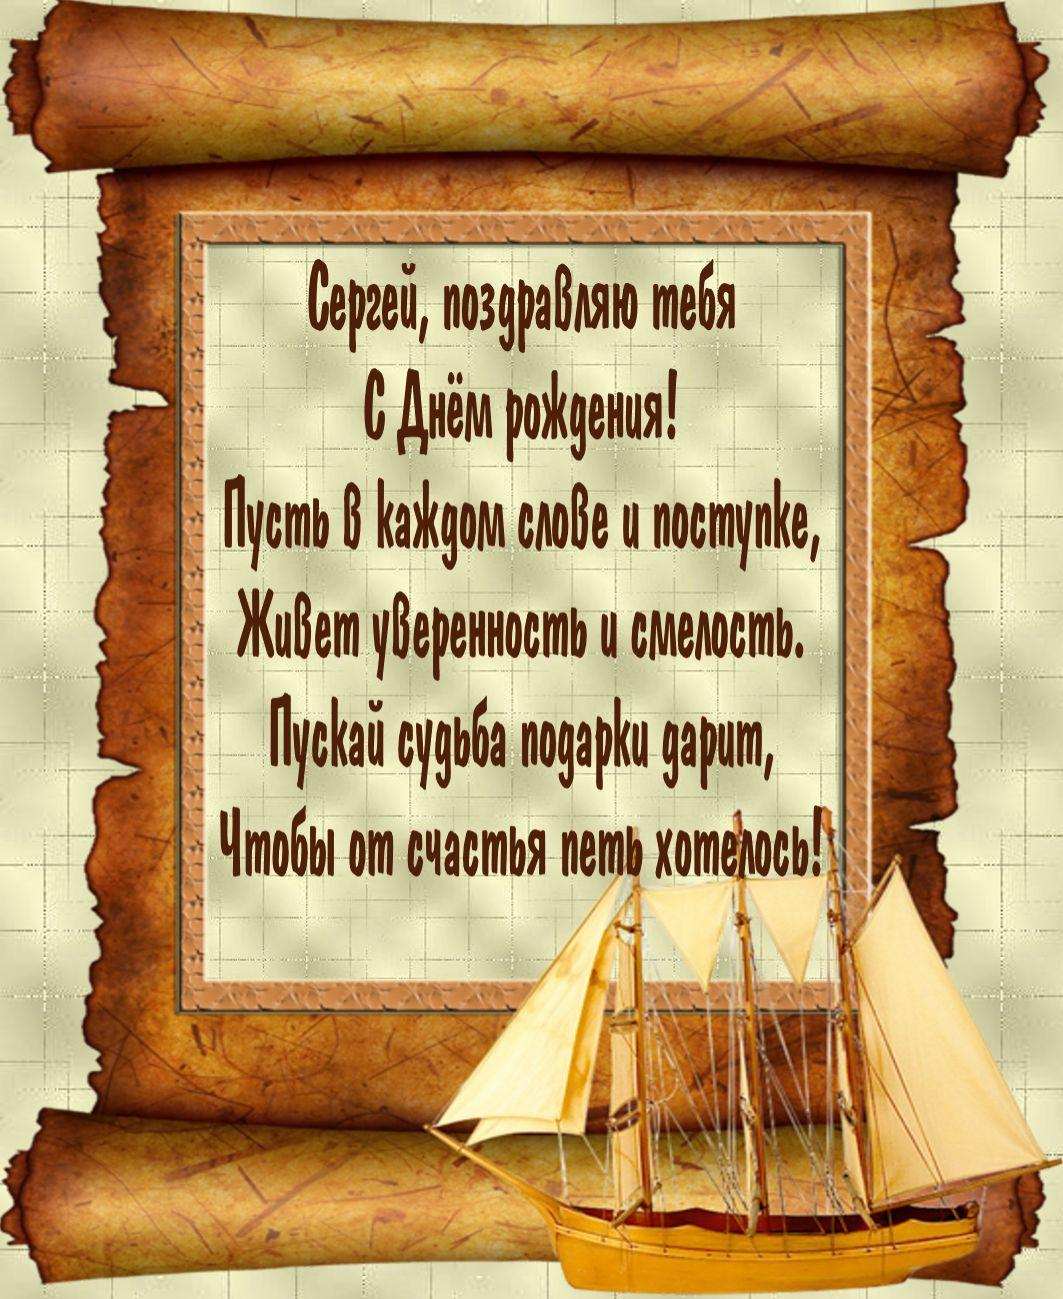 Открытка на День рождения Сергею - пожелание на папирусе с корабликом